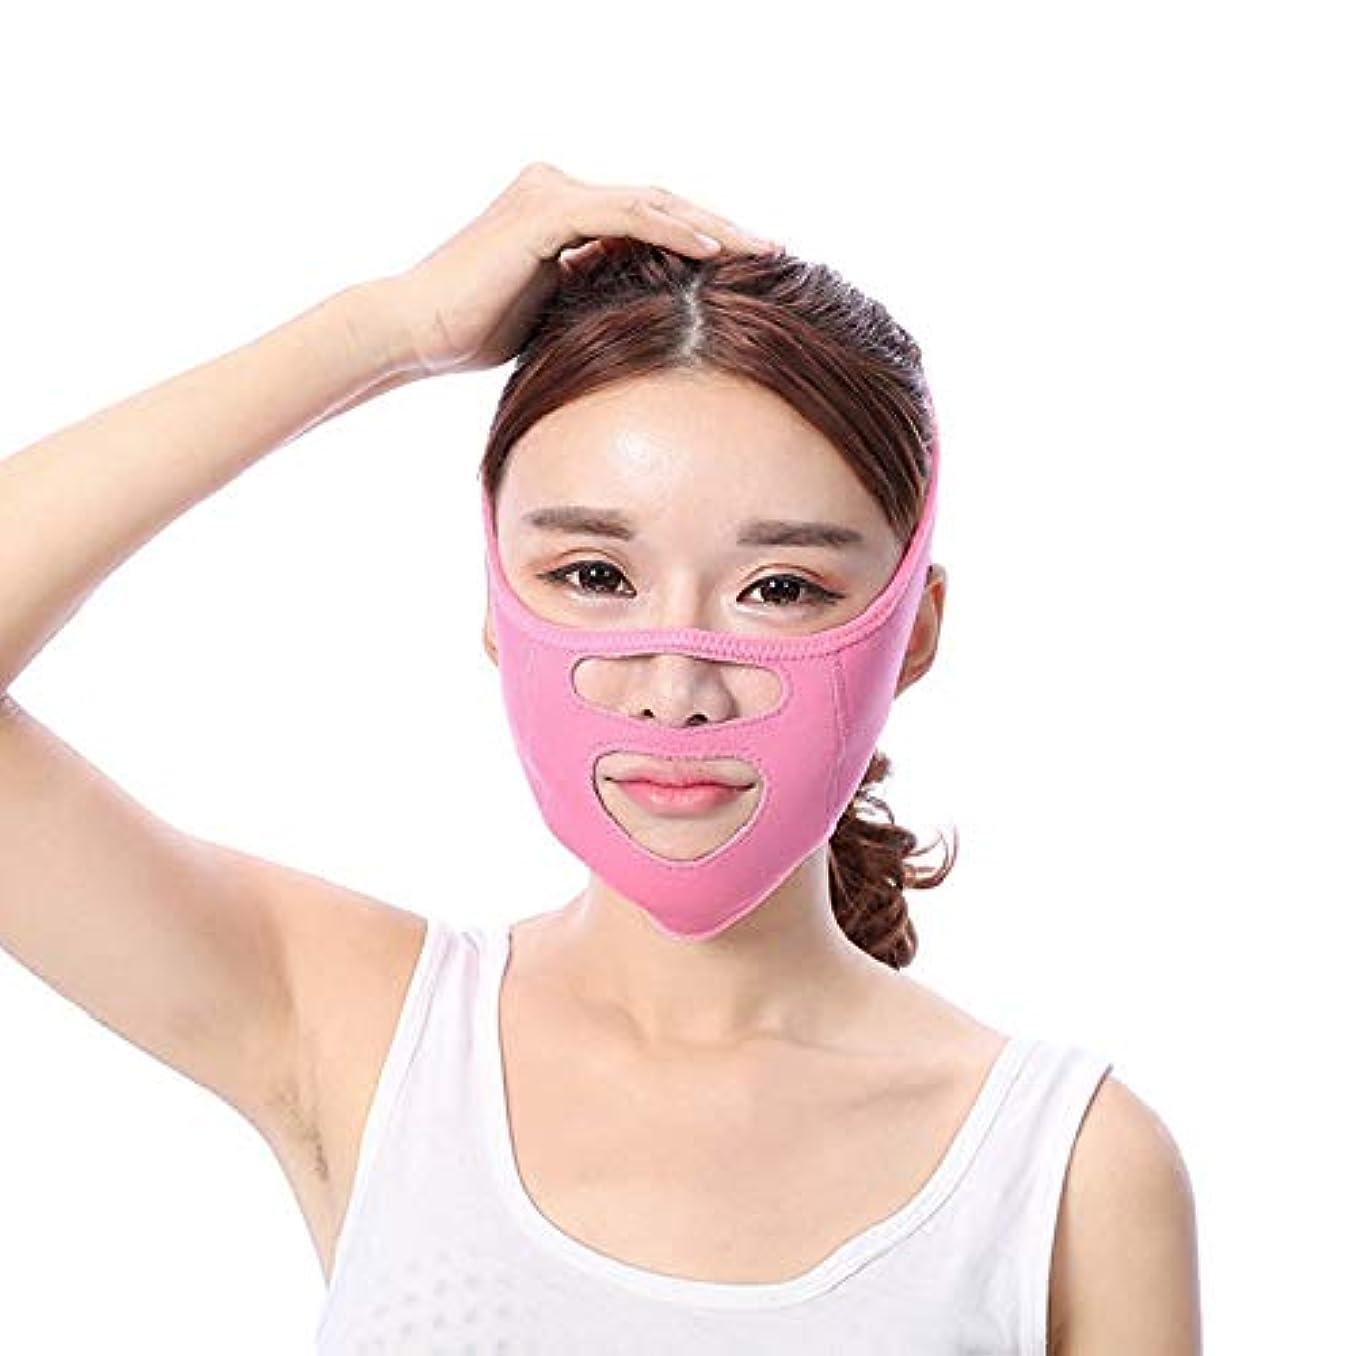 シャンパン逆説マイルストーンXINGZHE 顔の持ち上がる痩身ベルト - あなたの顔のための素晴らしいトレーニング二重あごのワークアウトフェイスマスクベルト薄い顔包帯整形マスクは顔と首を締めますフェイススリム フェイスリフティングベルト